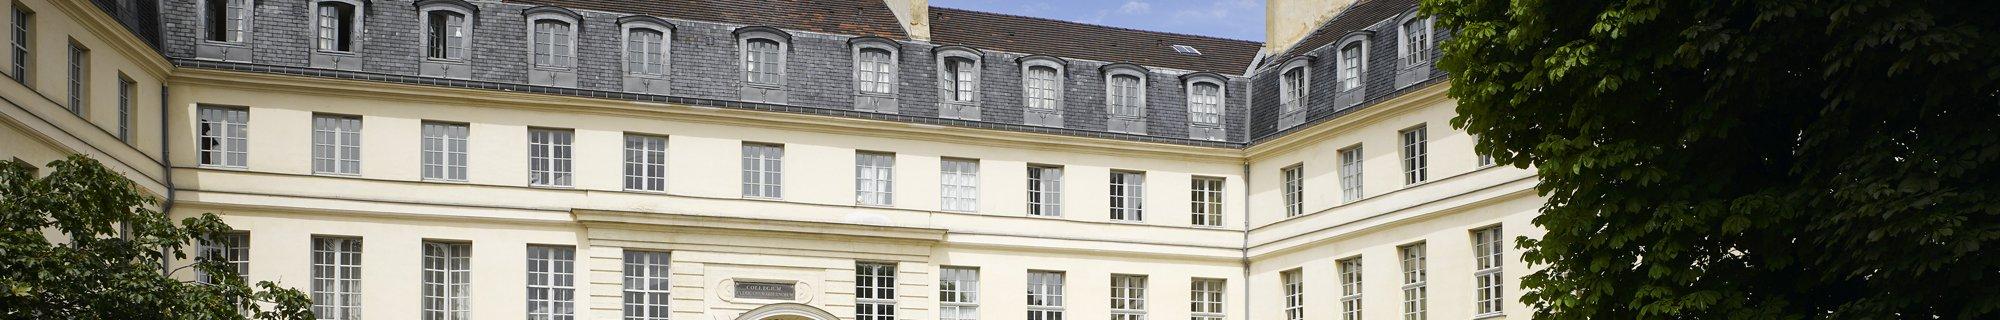 Picture of Irish Cultural Centre in Paris